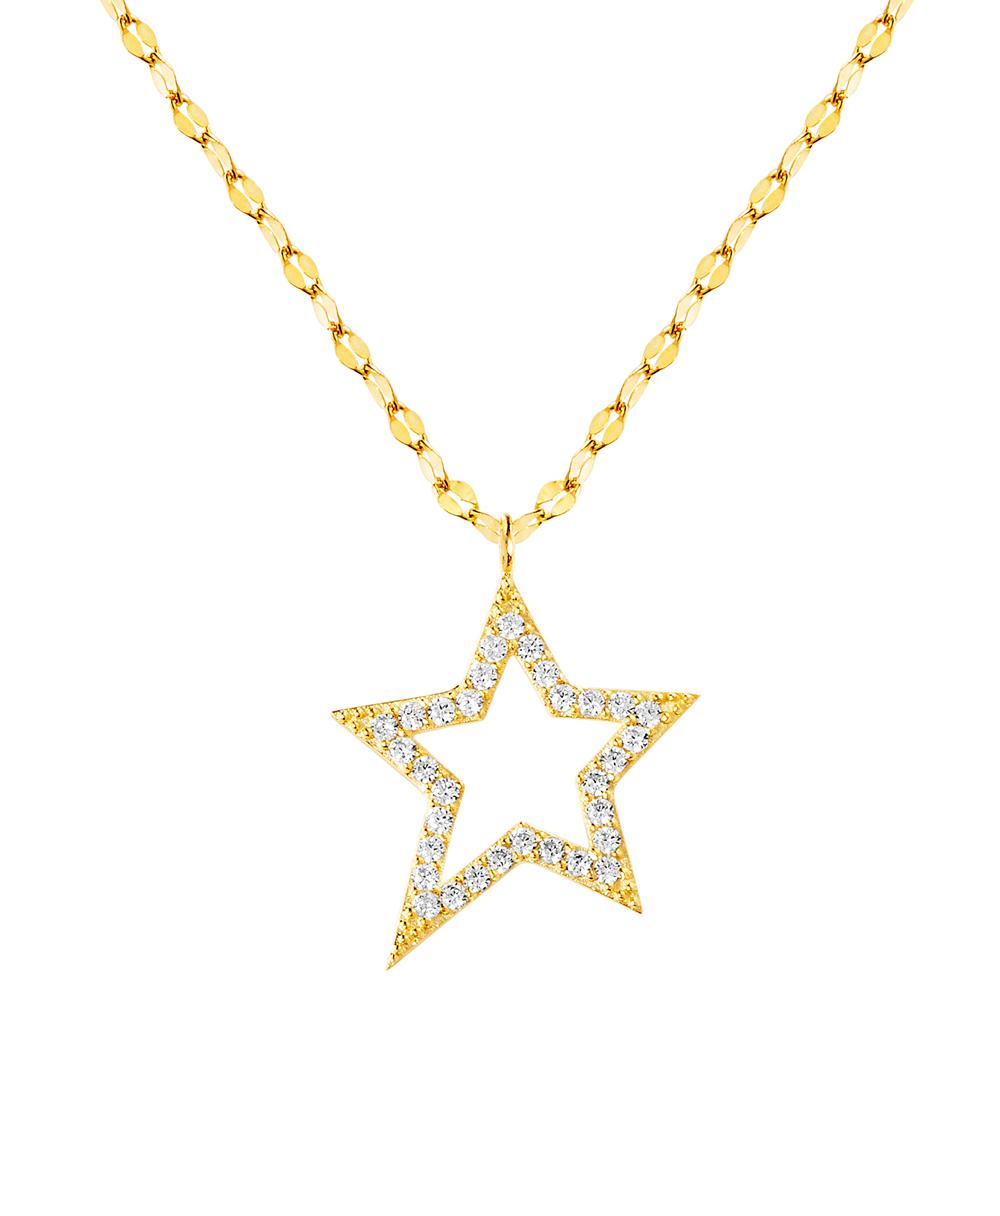 Conjunto estrella, amarillo, con piedras